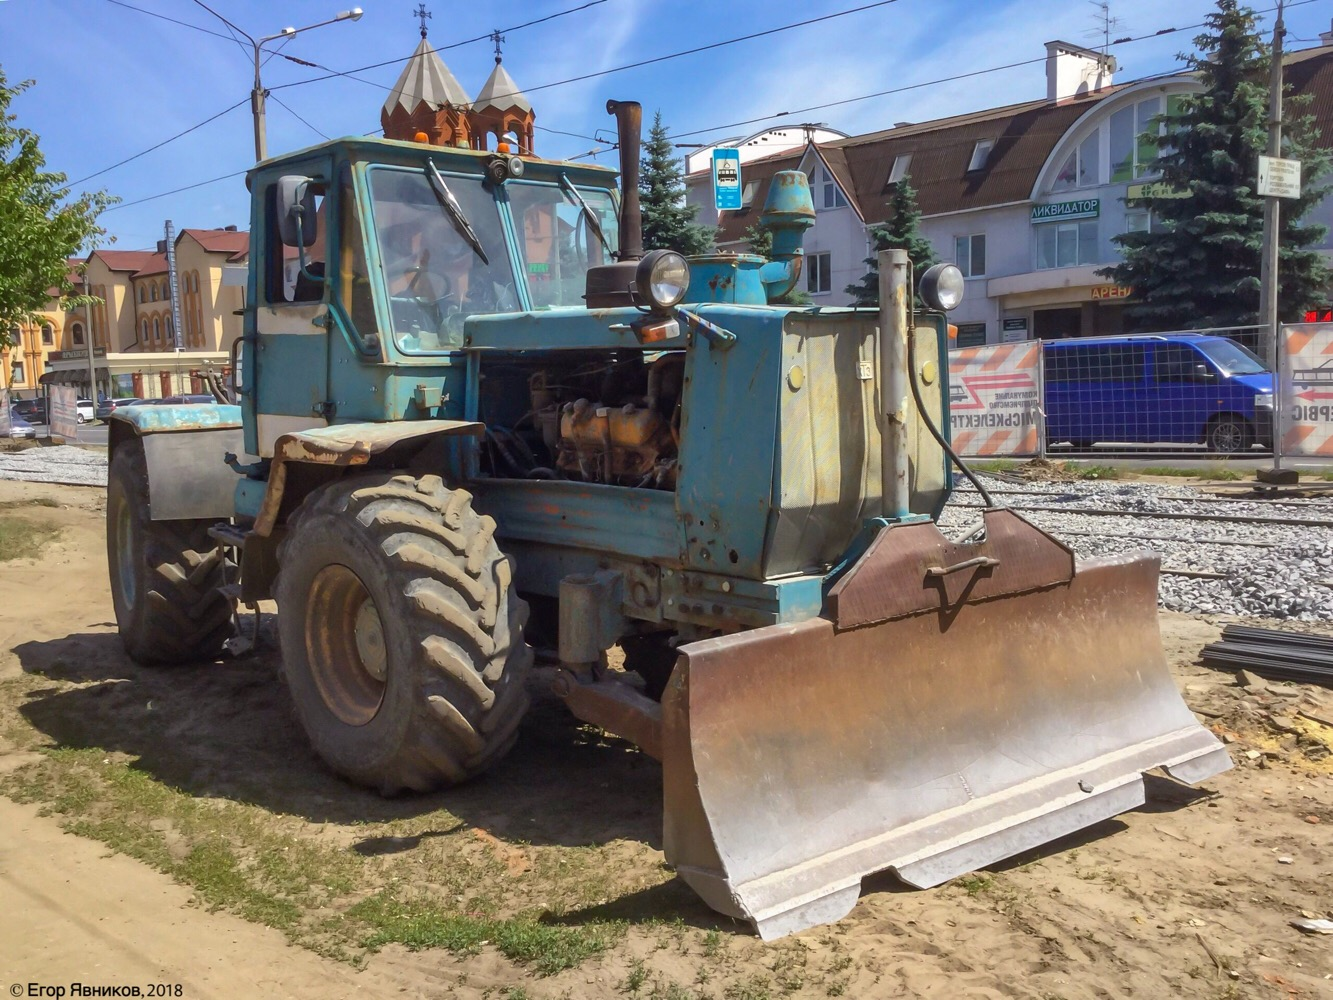 Трактор Т-150КД-09 с бульдозерным отвалом, #05375АХ. Харьковская область, г. Харьков, улица Шевченко